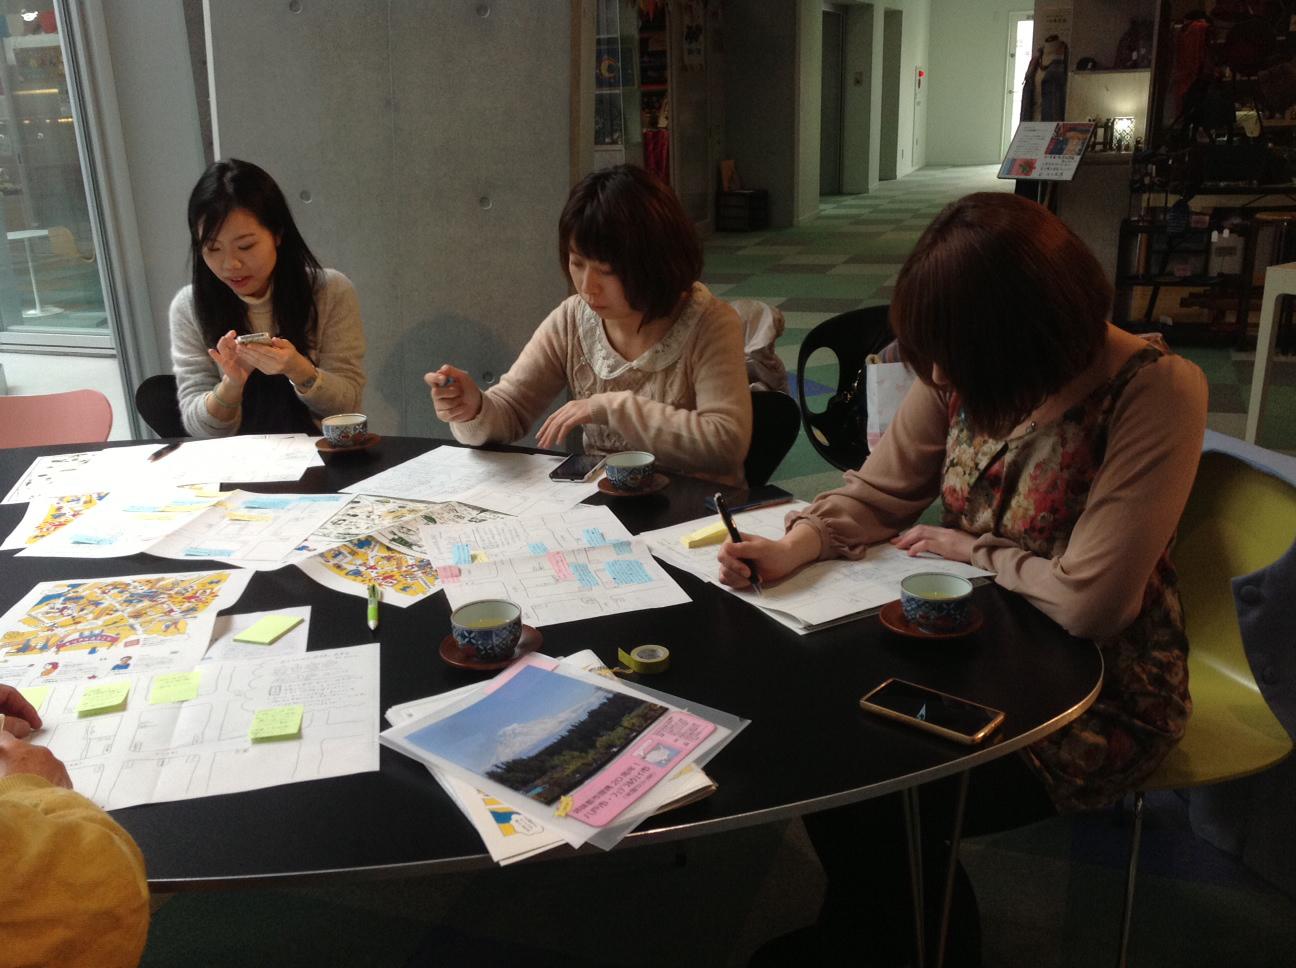 http://hacchi.jp/blog/upload/images/20140326_4.jpg